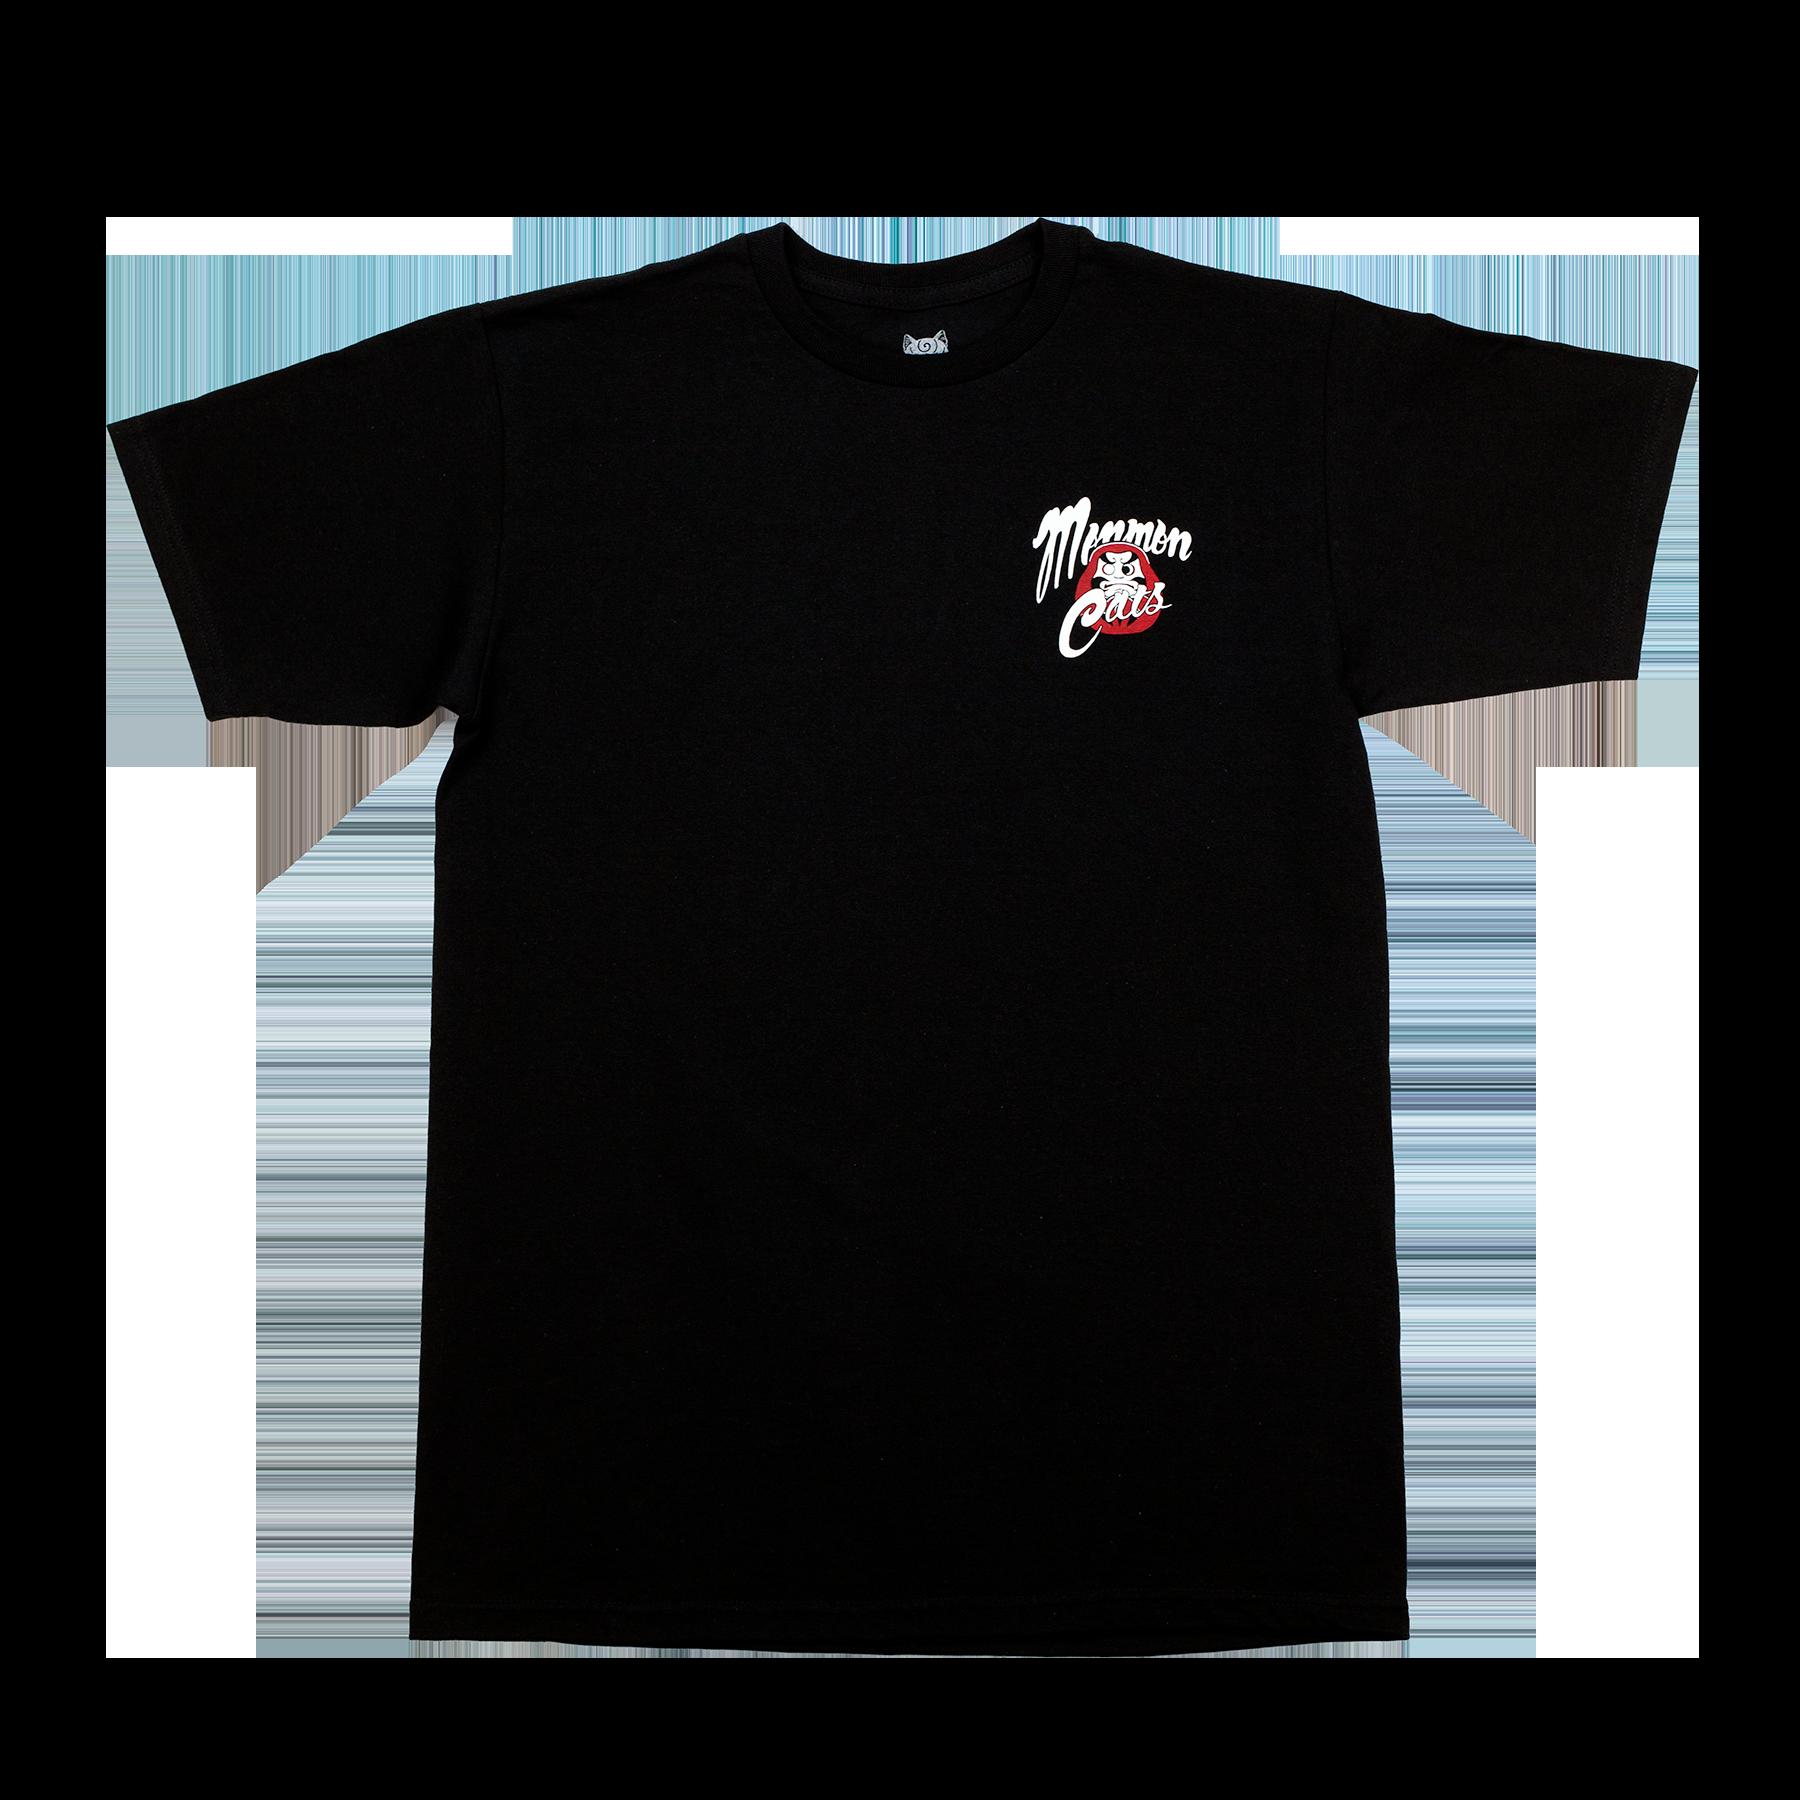 MonmonCats  Black Daruma CatsT-Shirt